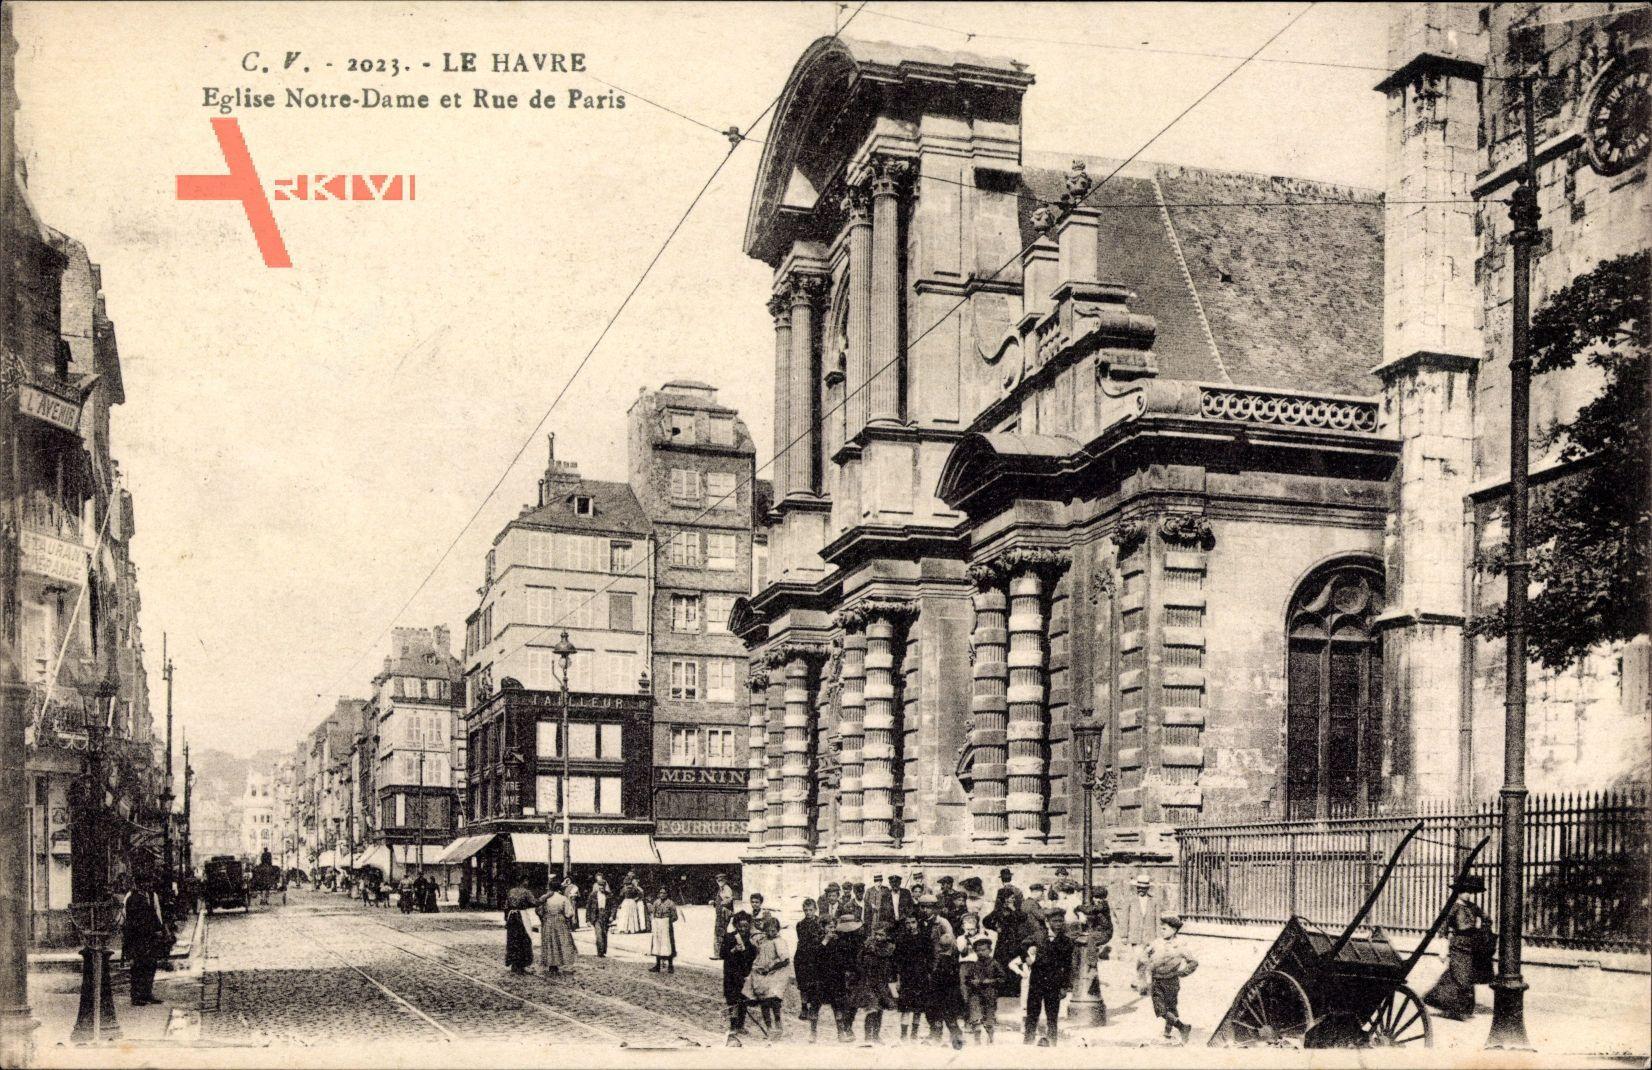 Le Havre Seine Maritime, Eglise Notre Dame et Rue de Paris, Kirche